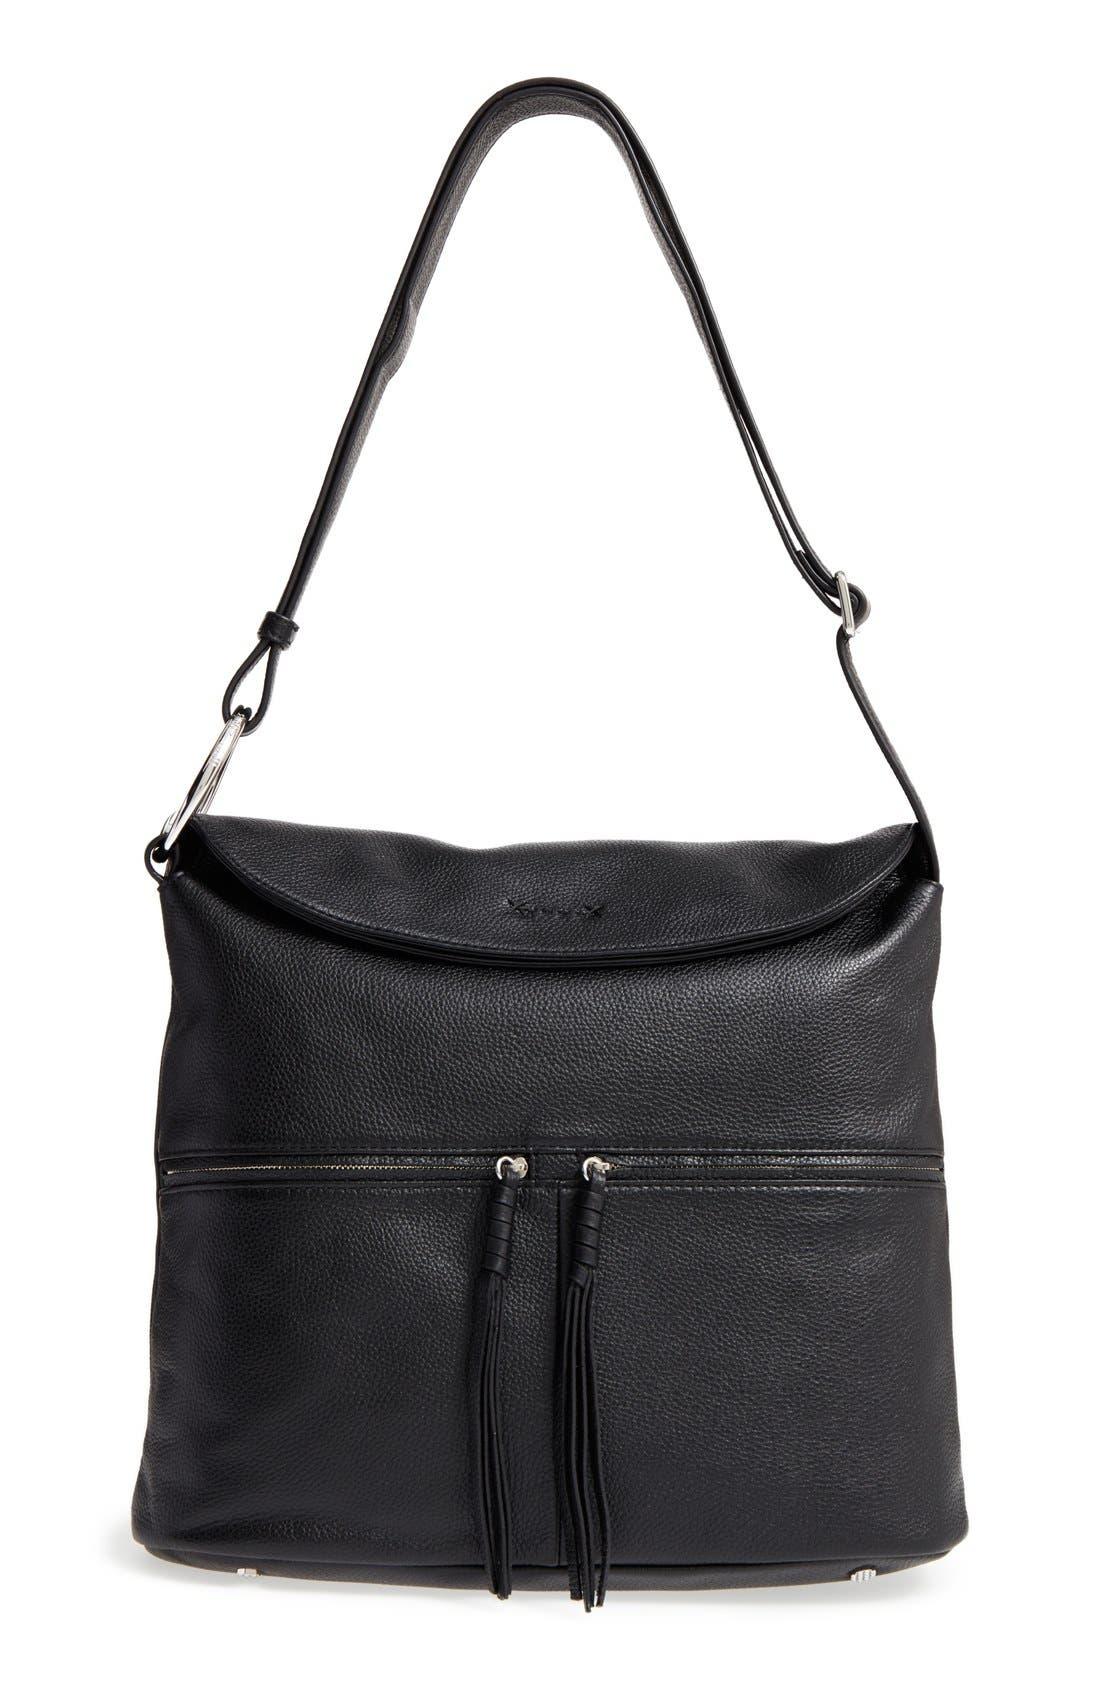 Finley Leather Hobo Bag,                             Main thumbnail 1, color,                             001